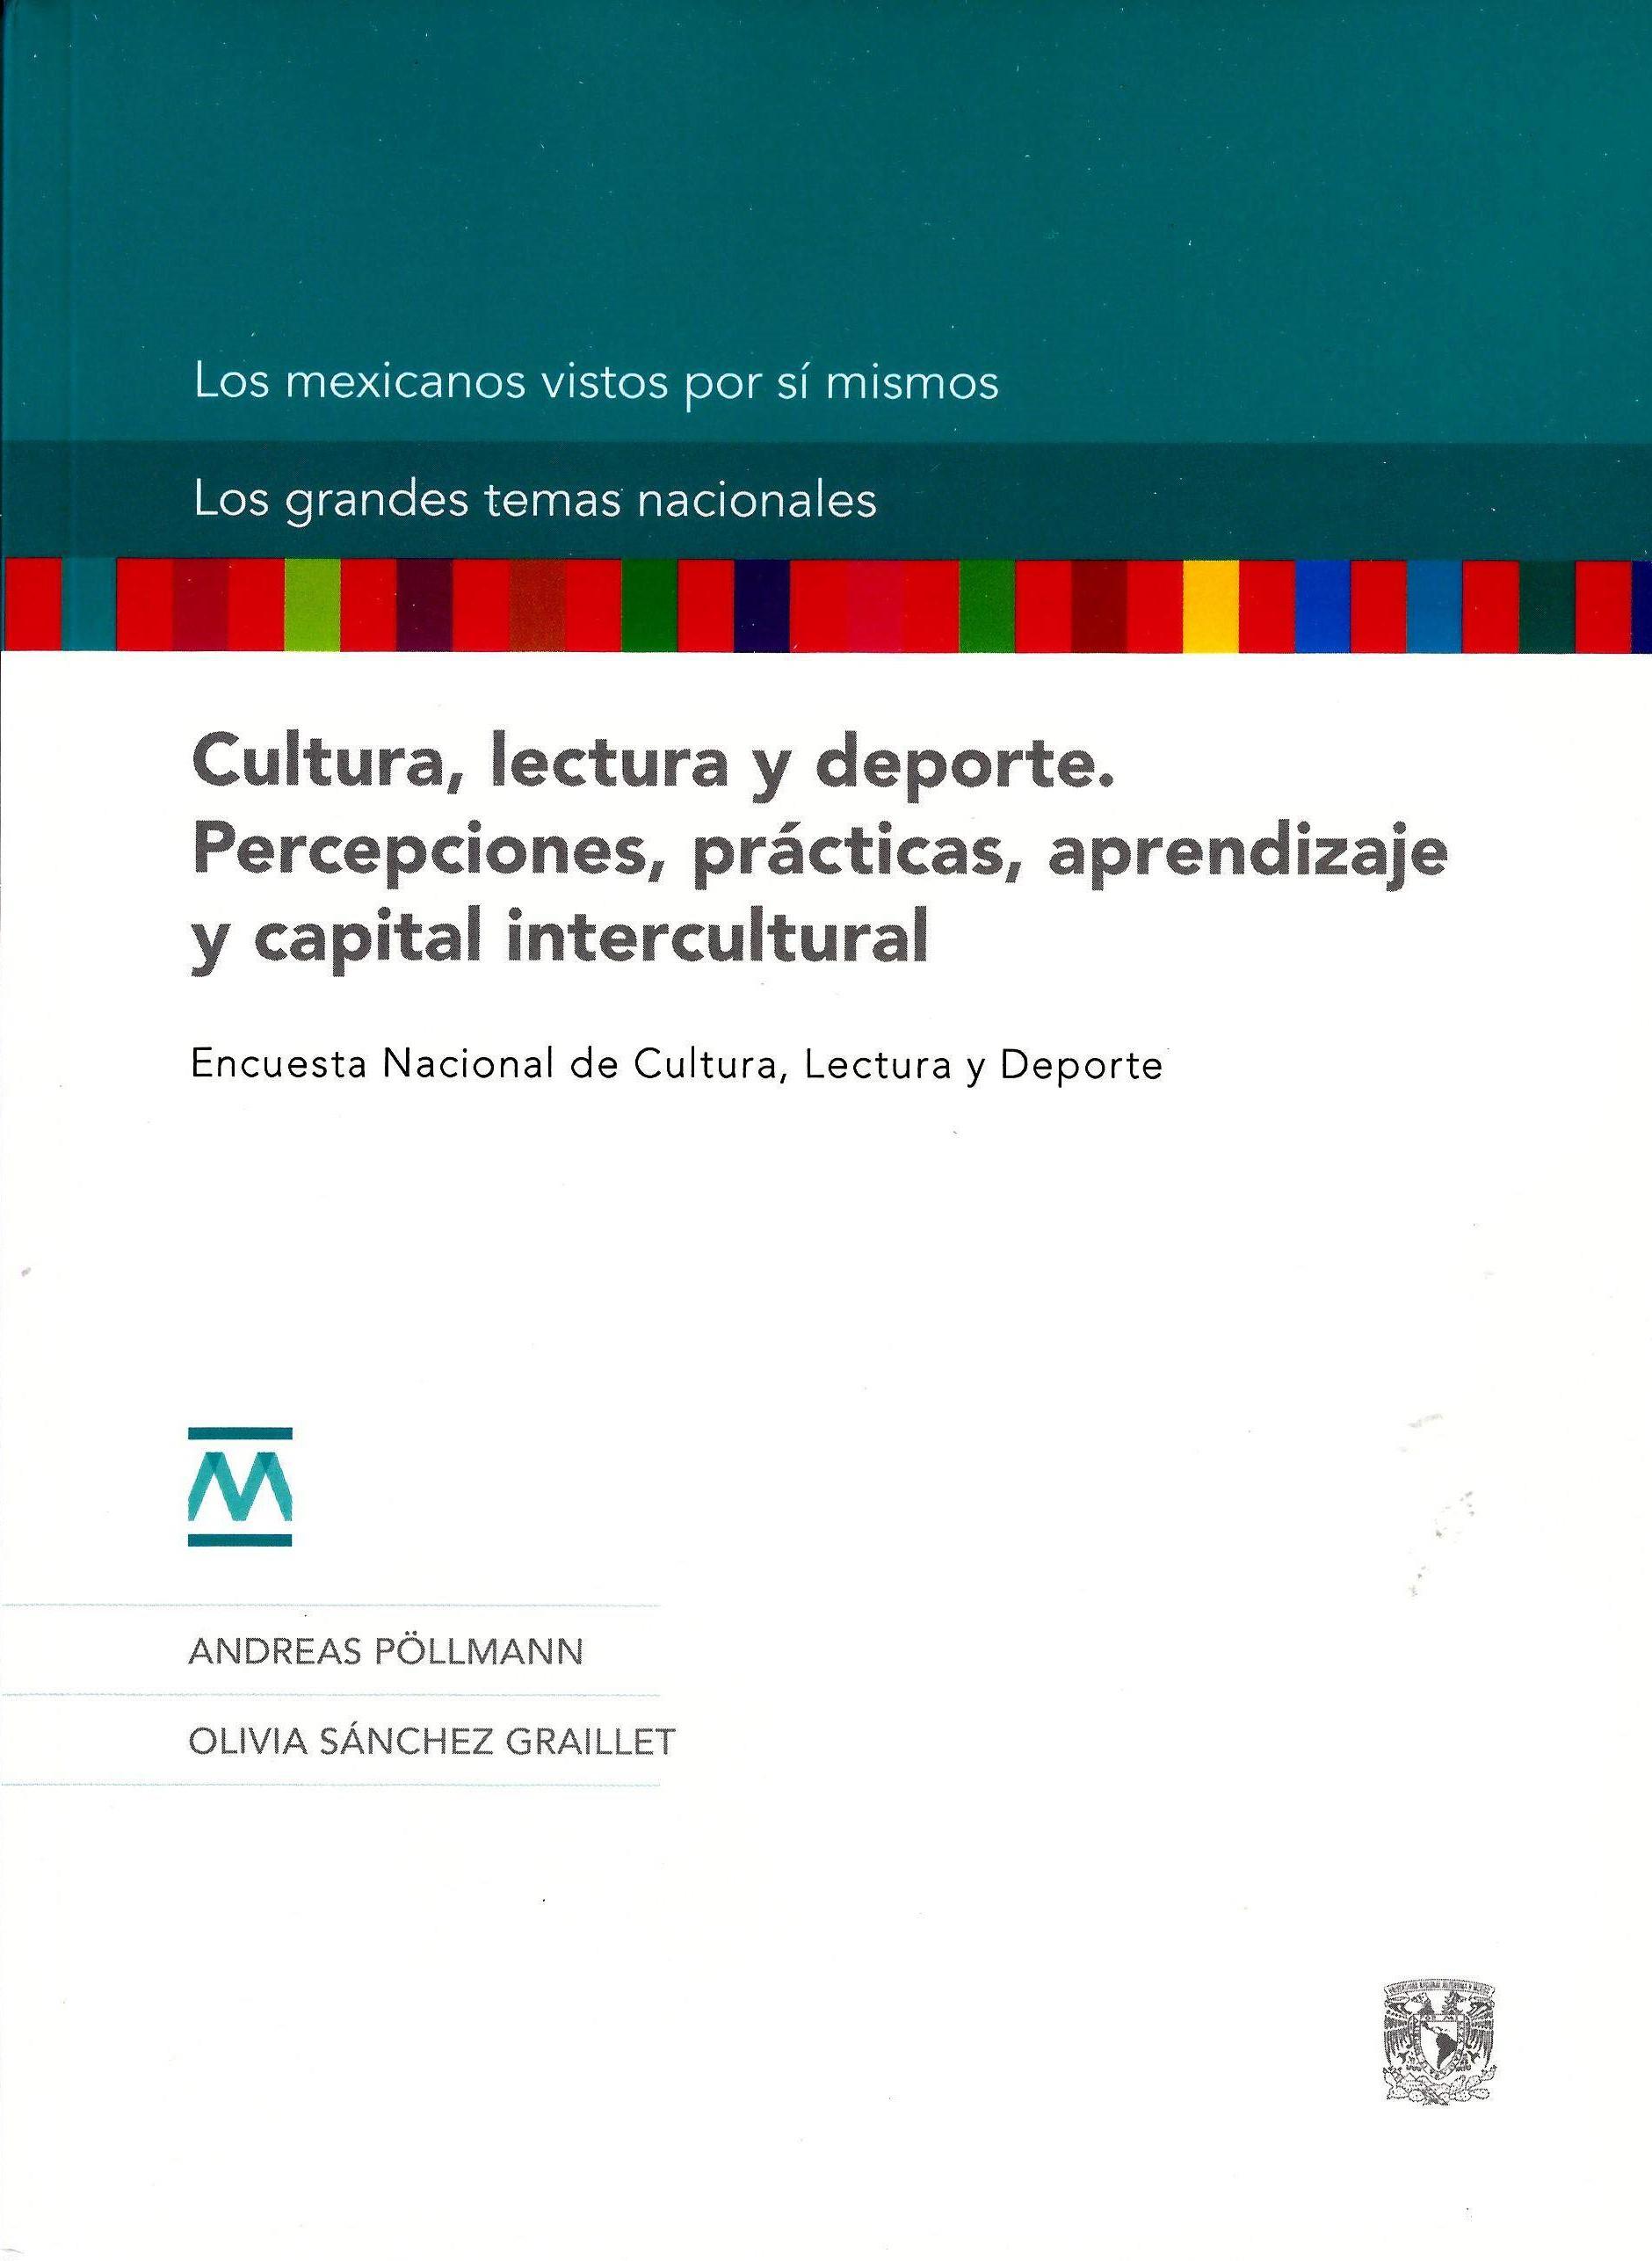 Cultura, lectura y deporte. Percepciones, prácticas, aprendizaje y capital intercultural Cultura, lectura y deporte. Percepciones, prácticas, aprendizaje y capital intercultural. Encuesta Nacional de Cultura, Lectura y Deporte